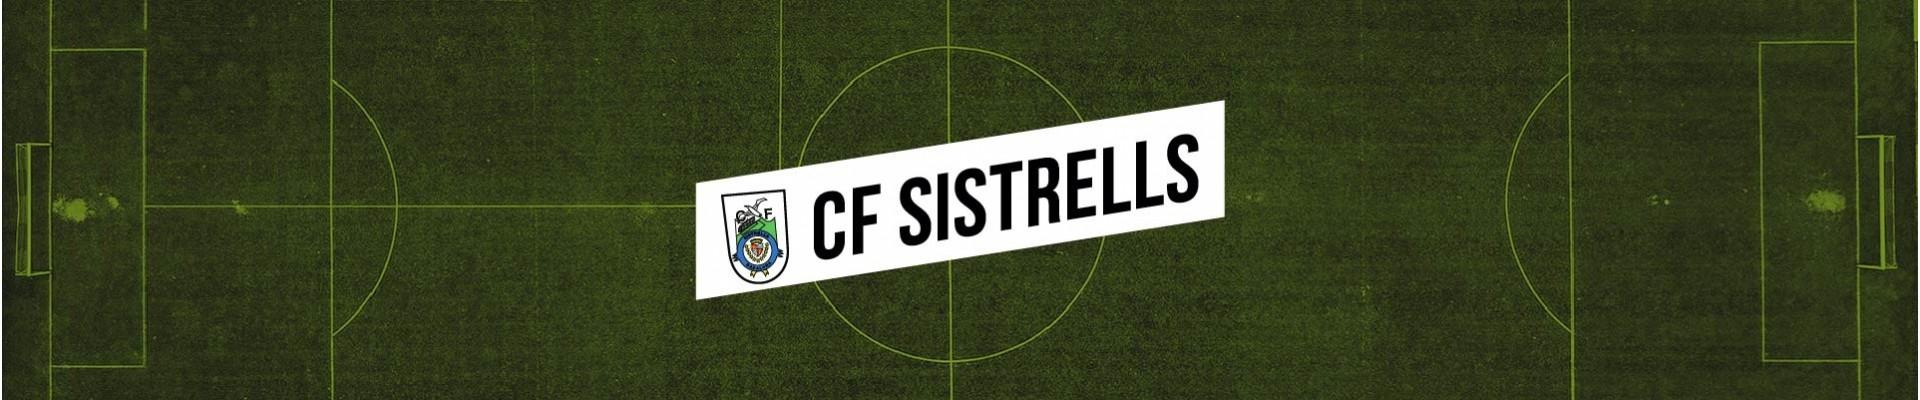 CF SISTRELLS